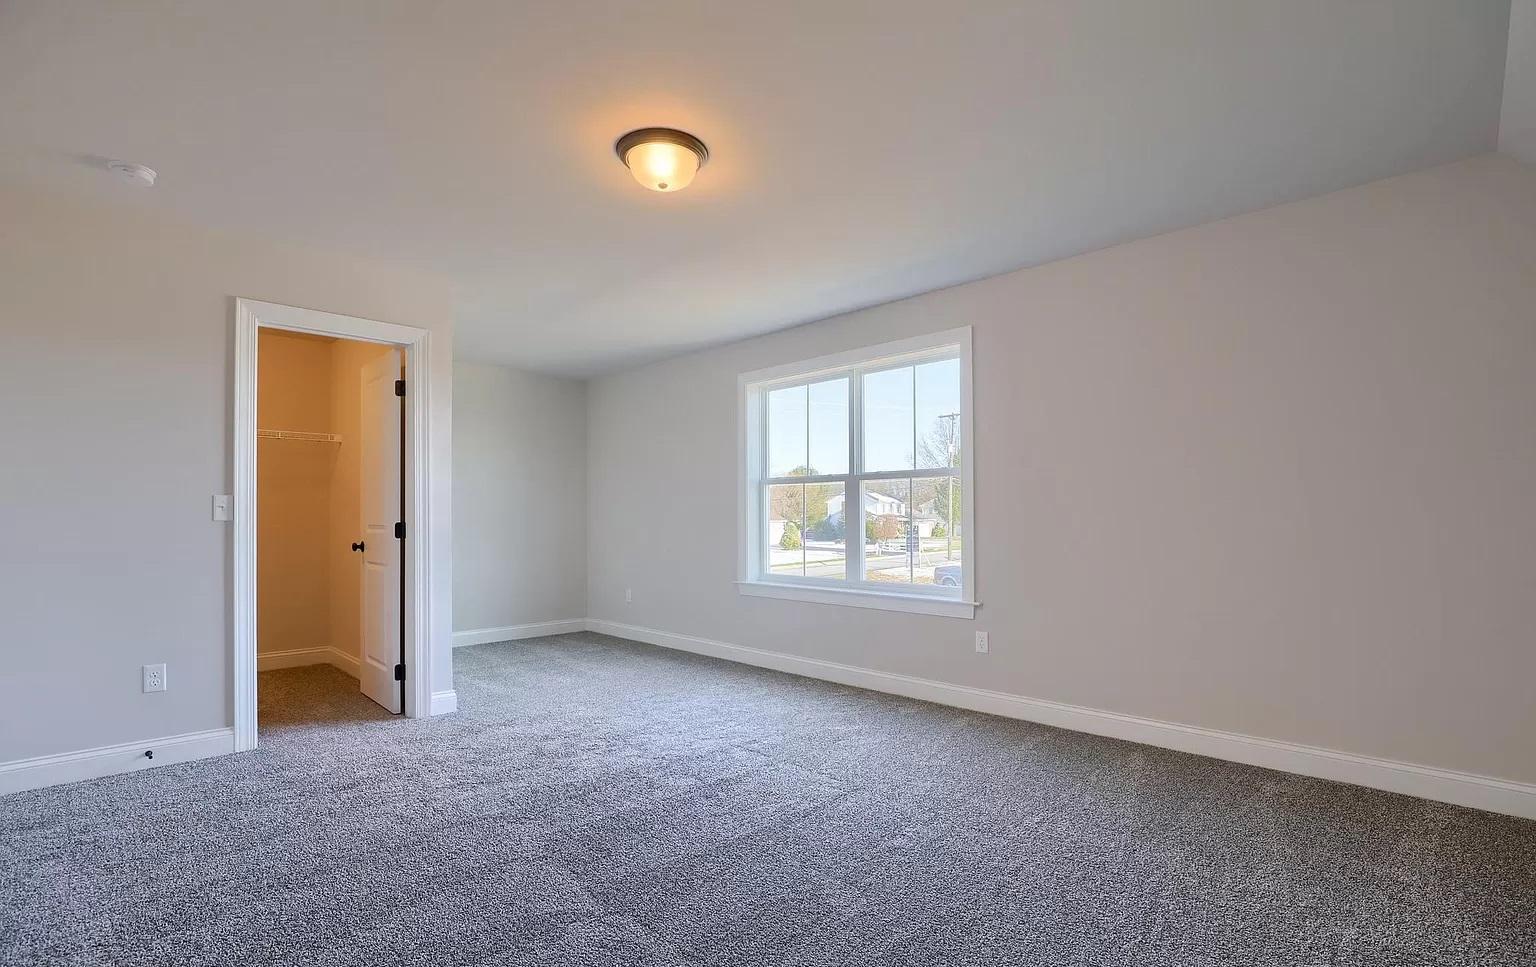 empty bedroom with walk-in closet